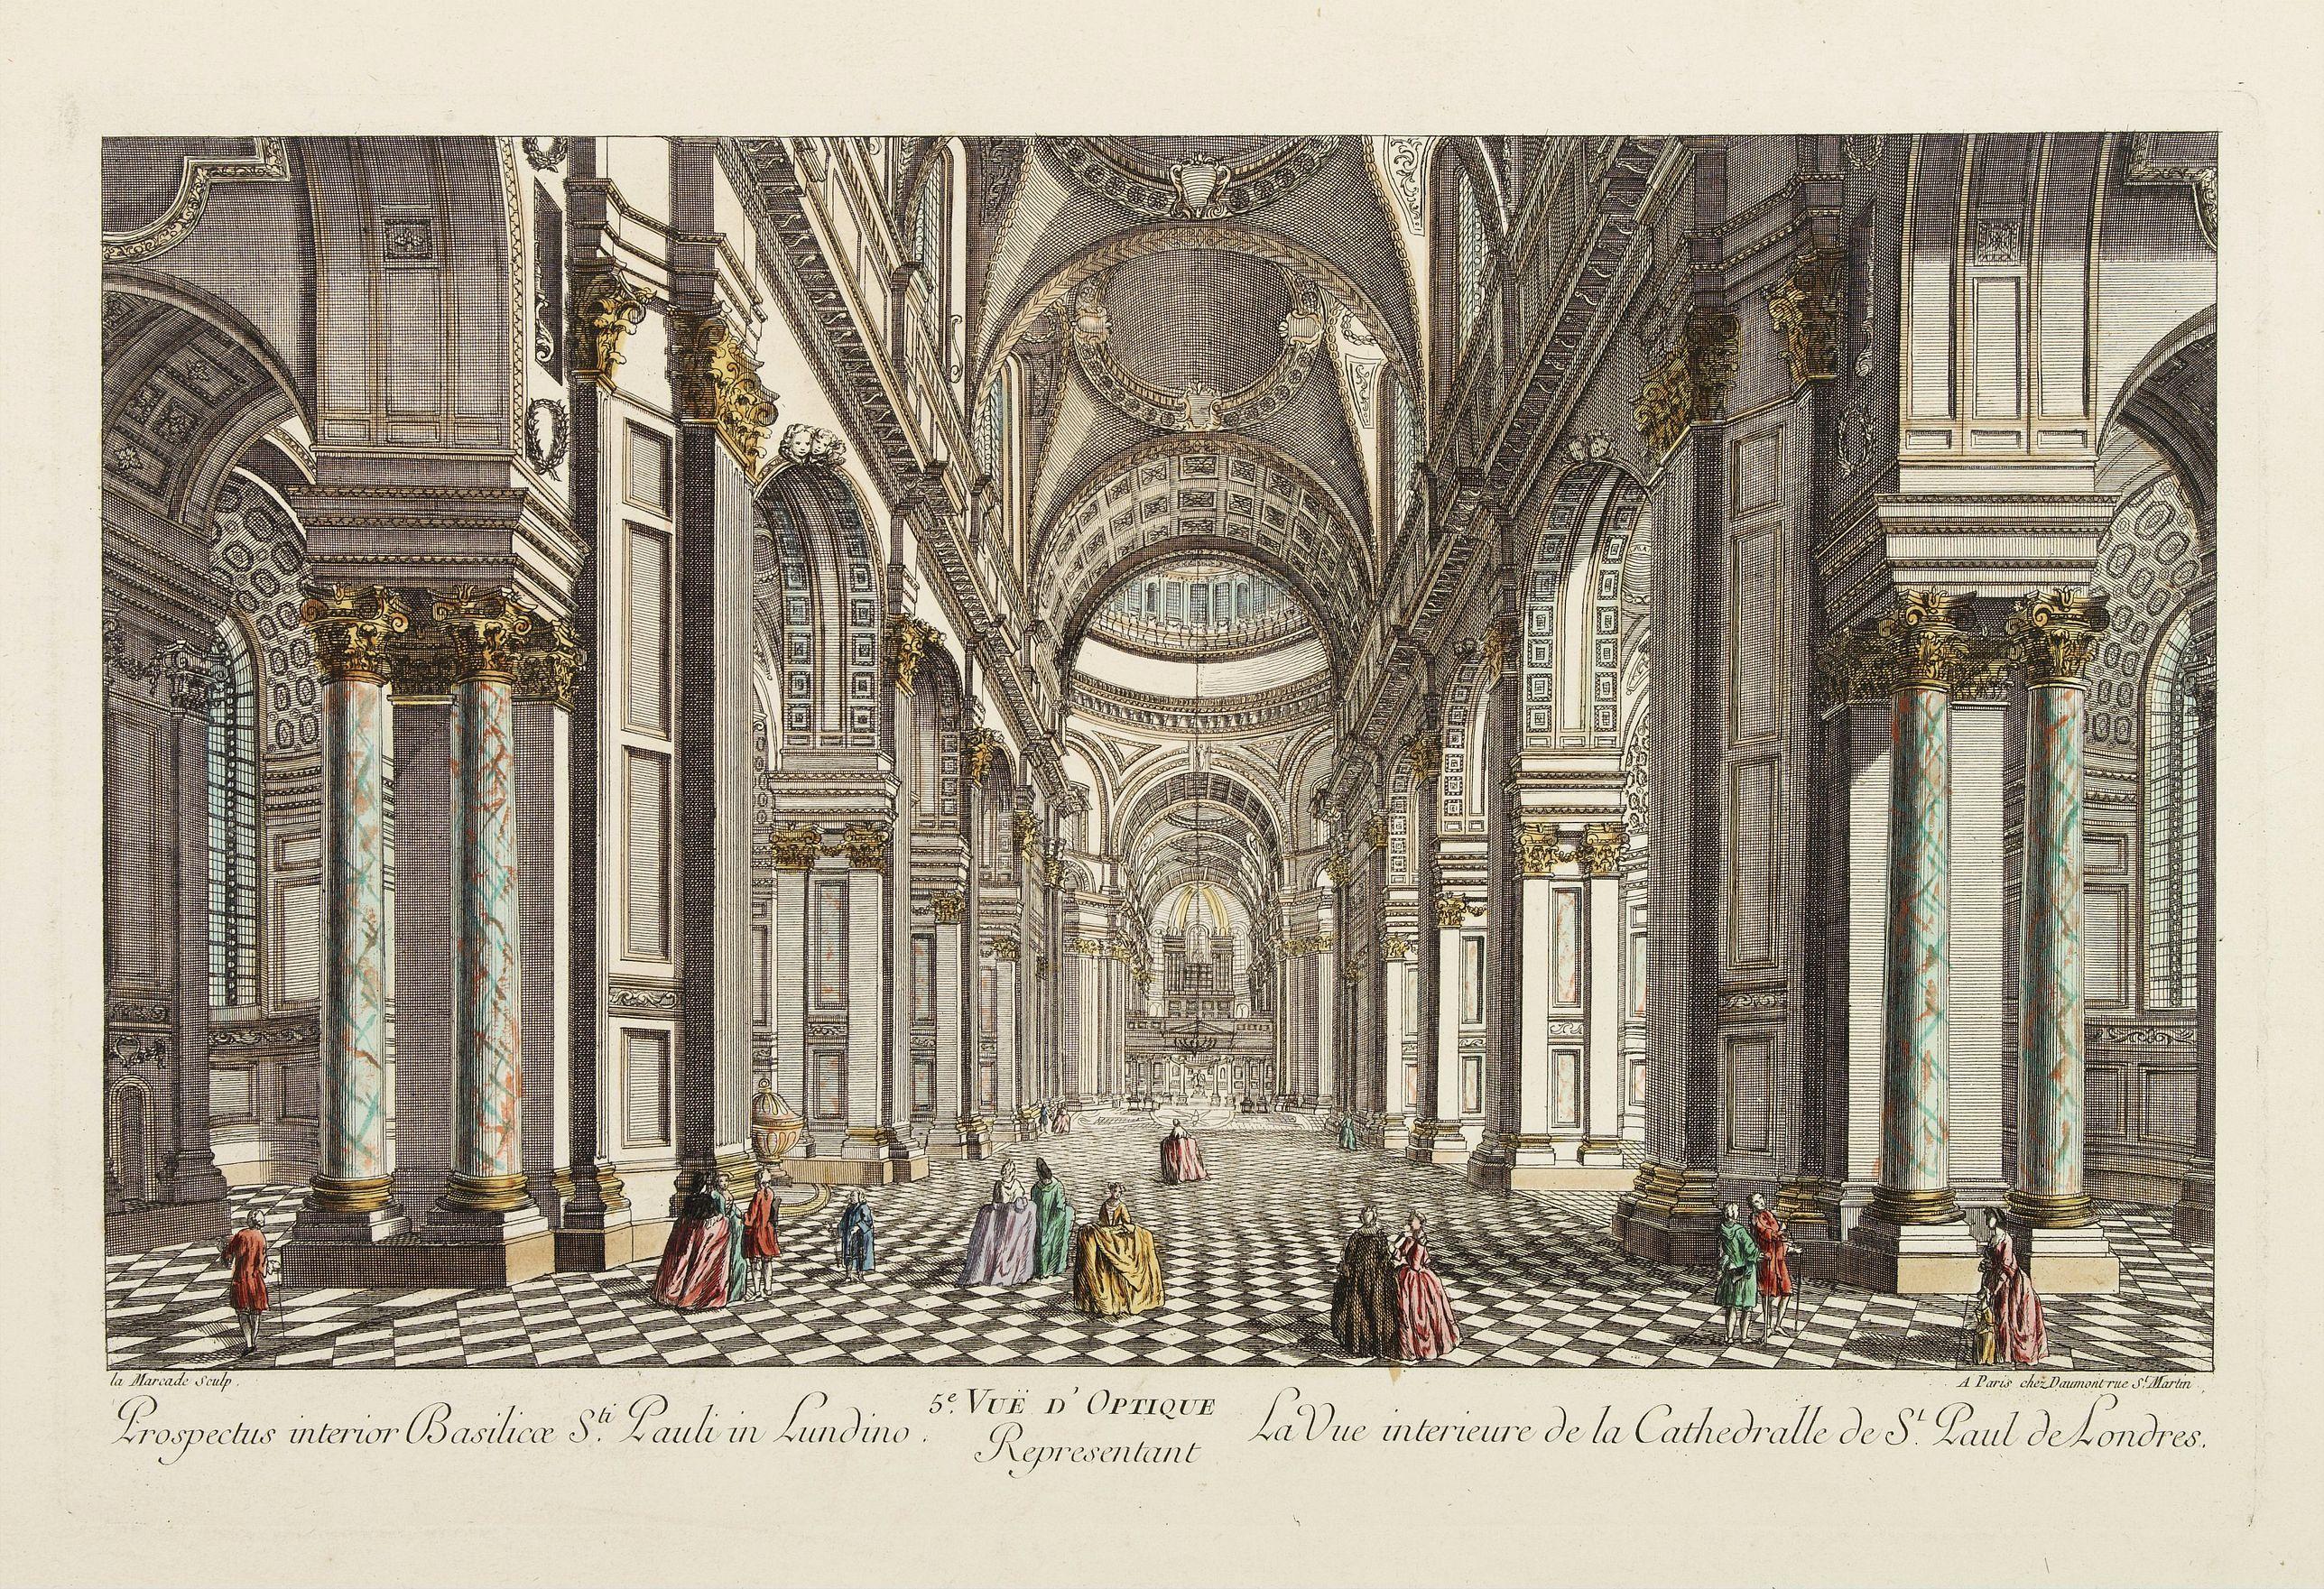 DAUMONT -  5e Vue d'Optique Representant La Vue interieure de la Cathedralle de St. Paul de Londres.